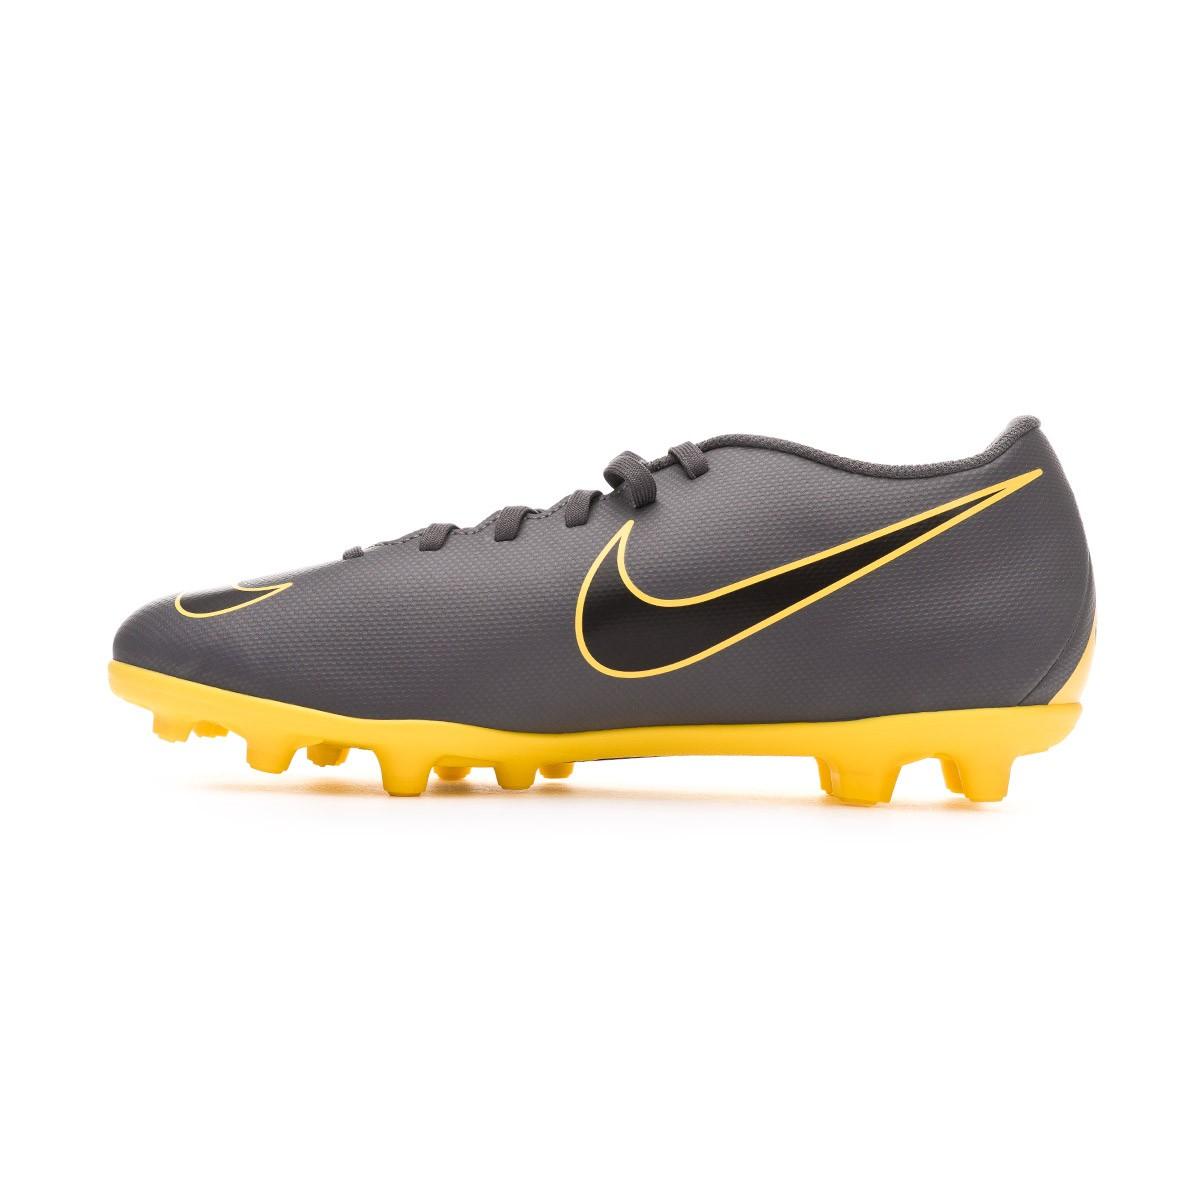 Chaussure de foot Nike Mercurial Vapor XII Club MG